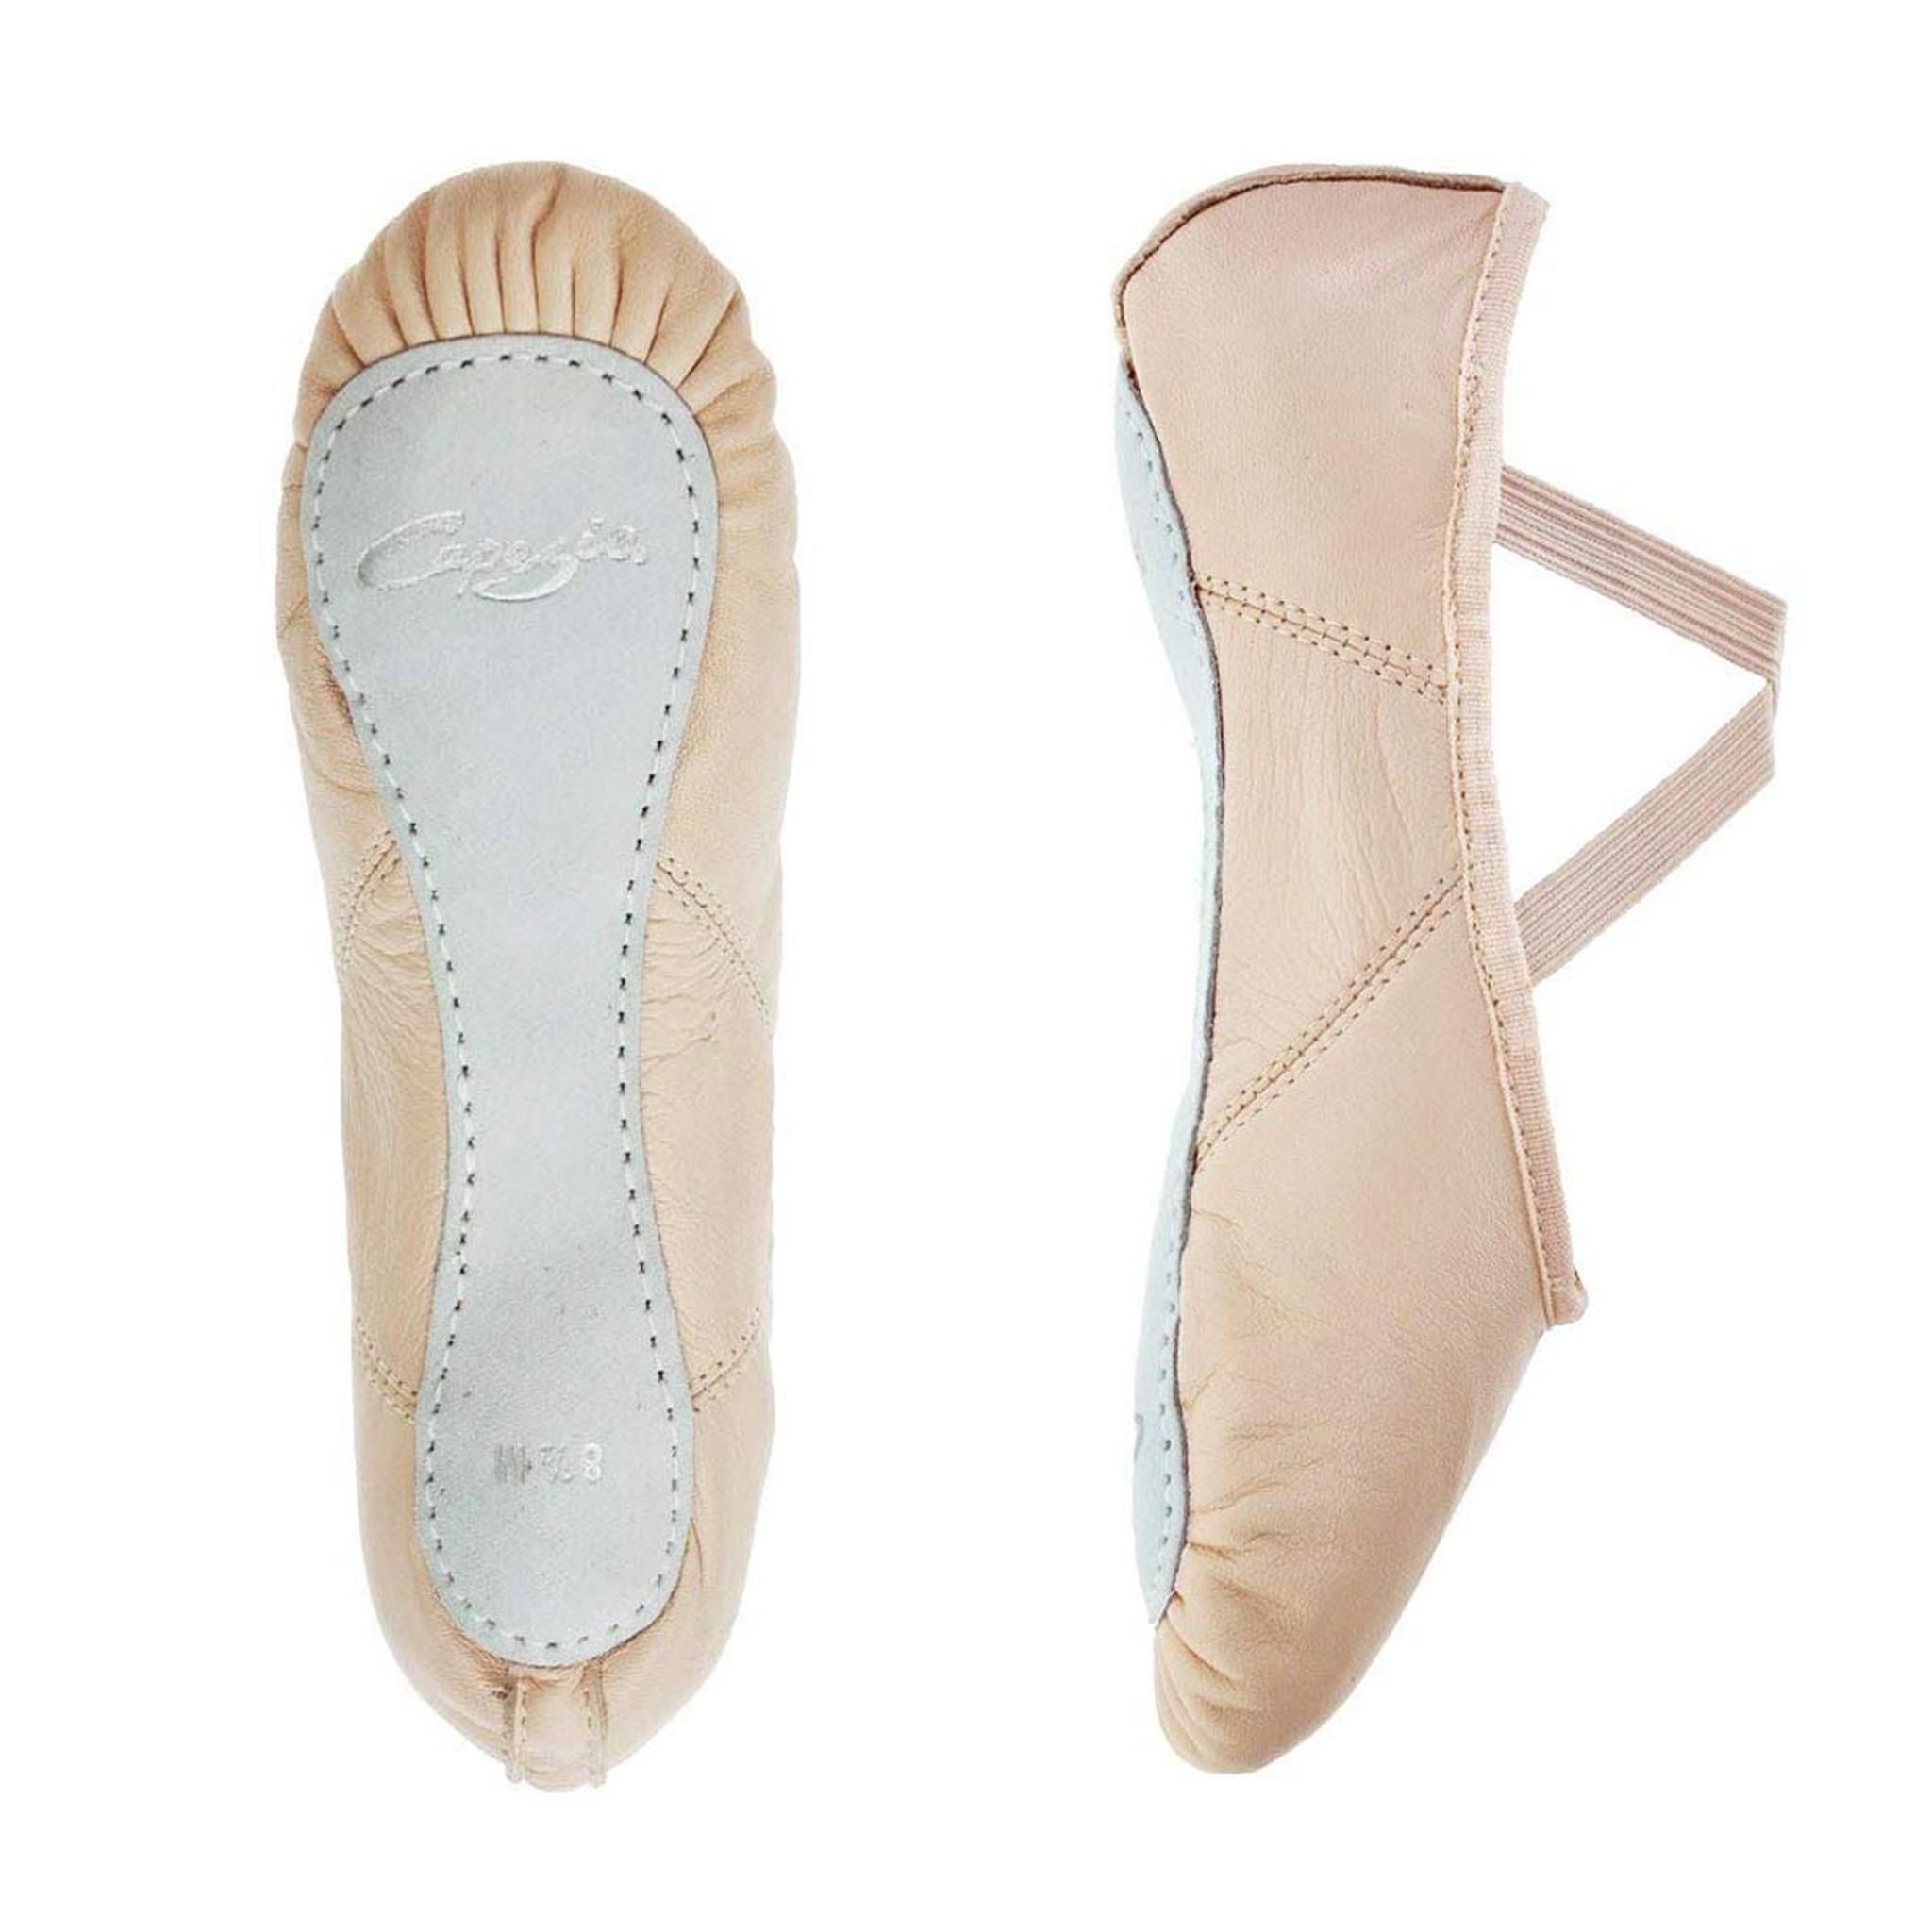 Capezio Full Sole Ballet Shoes Juliet Girls